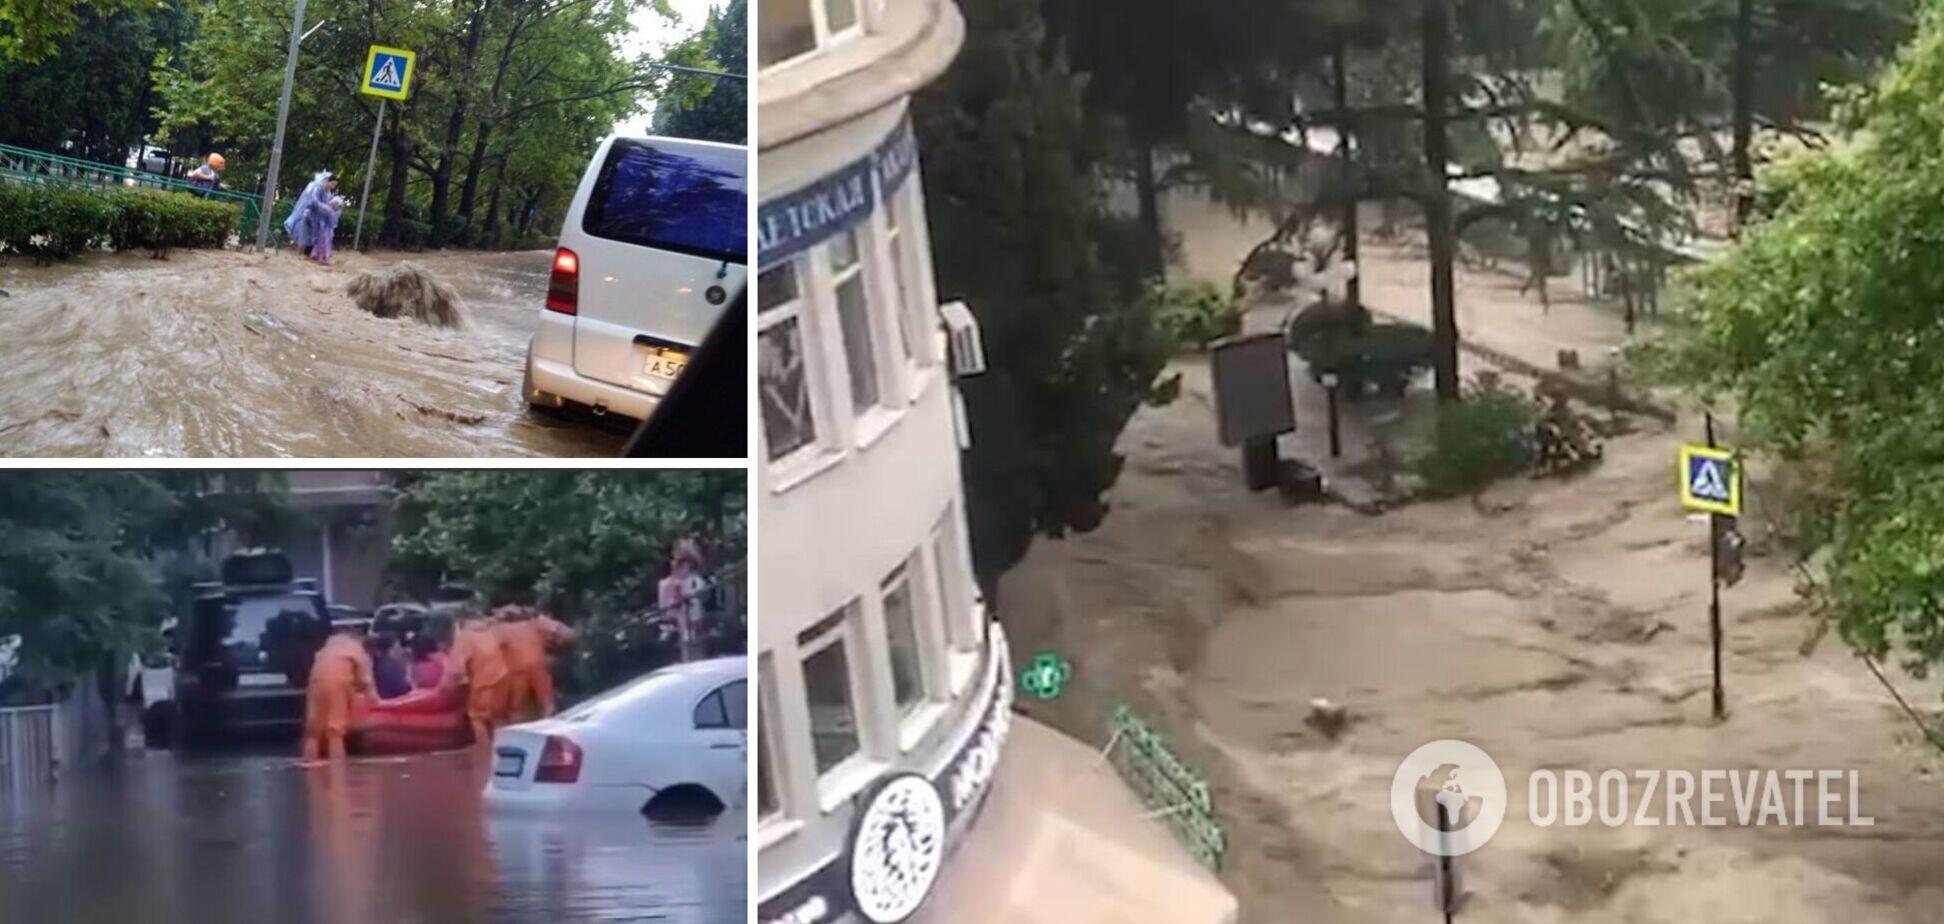 У затопленій Ялті вулиці перетворилися на бурхливі ріки, людей евакуюють, є постраждалі та загиблі. Відео стихійного лиха